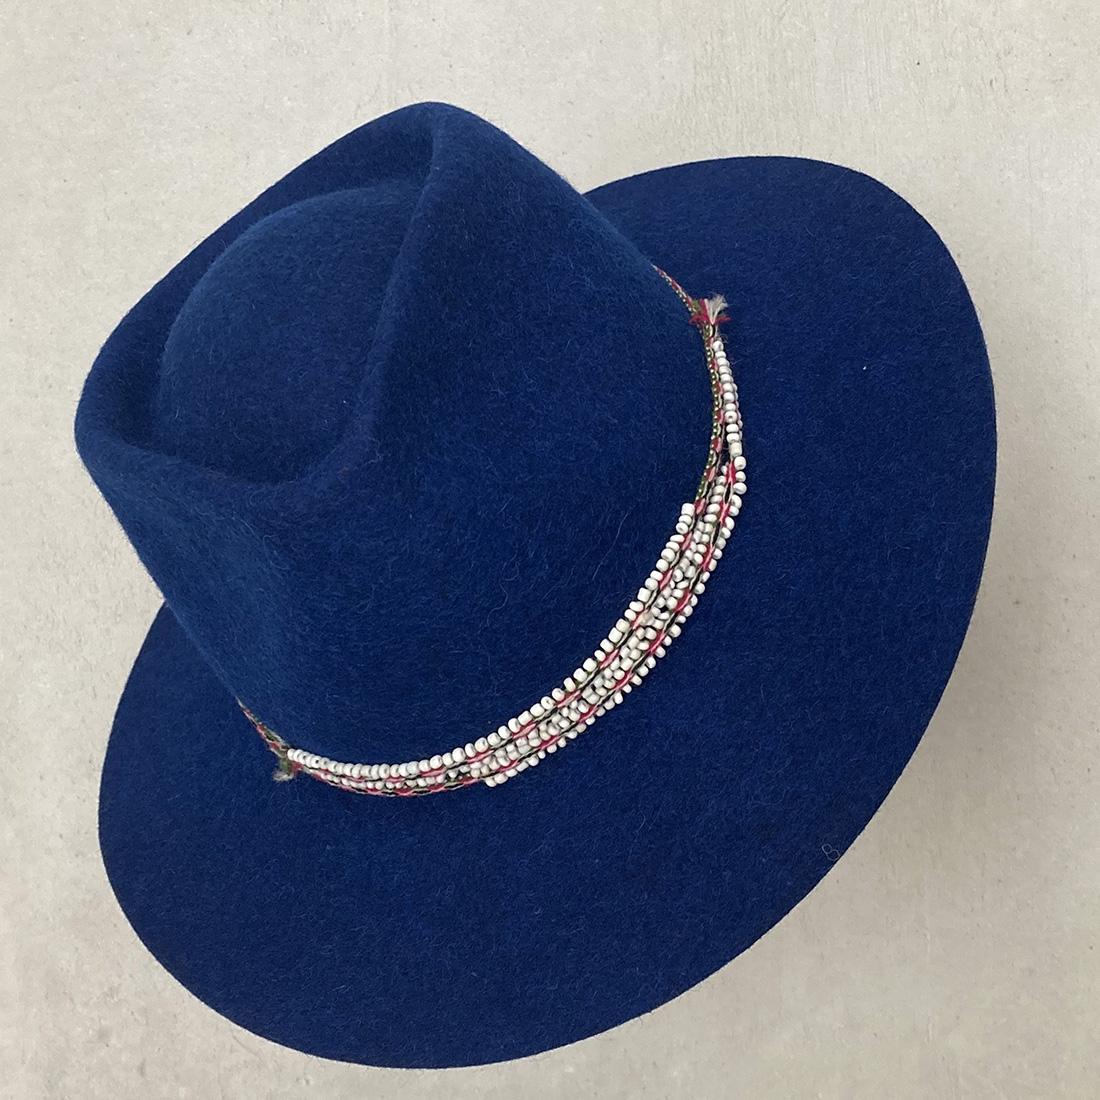 Chapeau bord court en Alpaga - Bleu